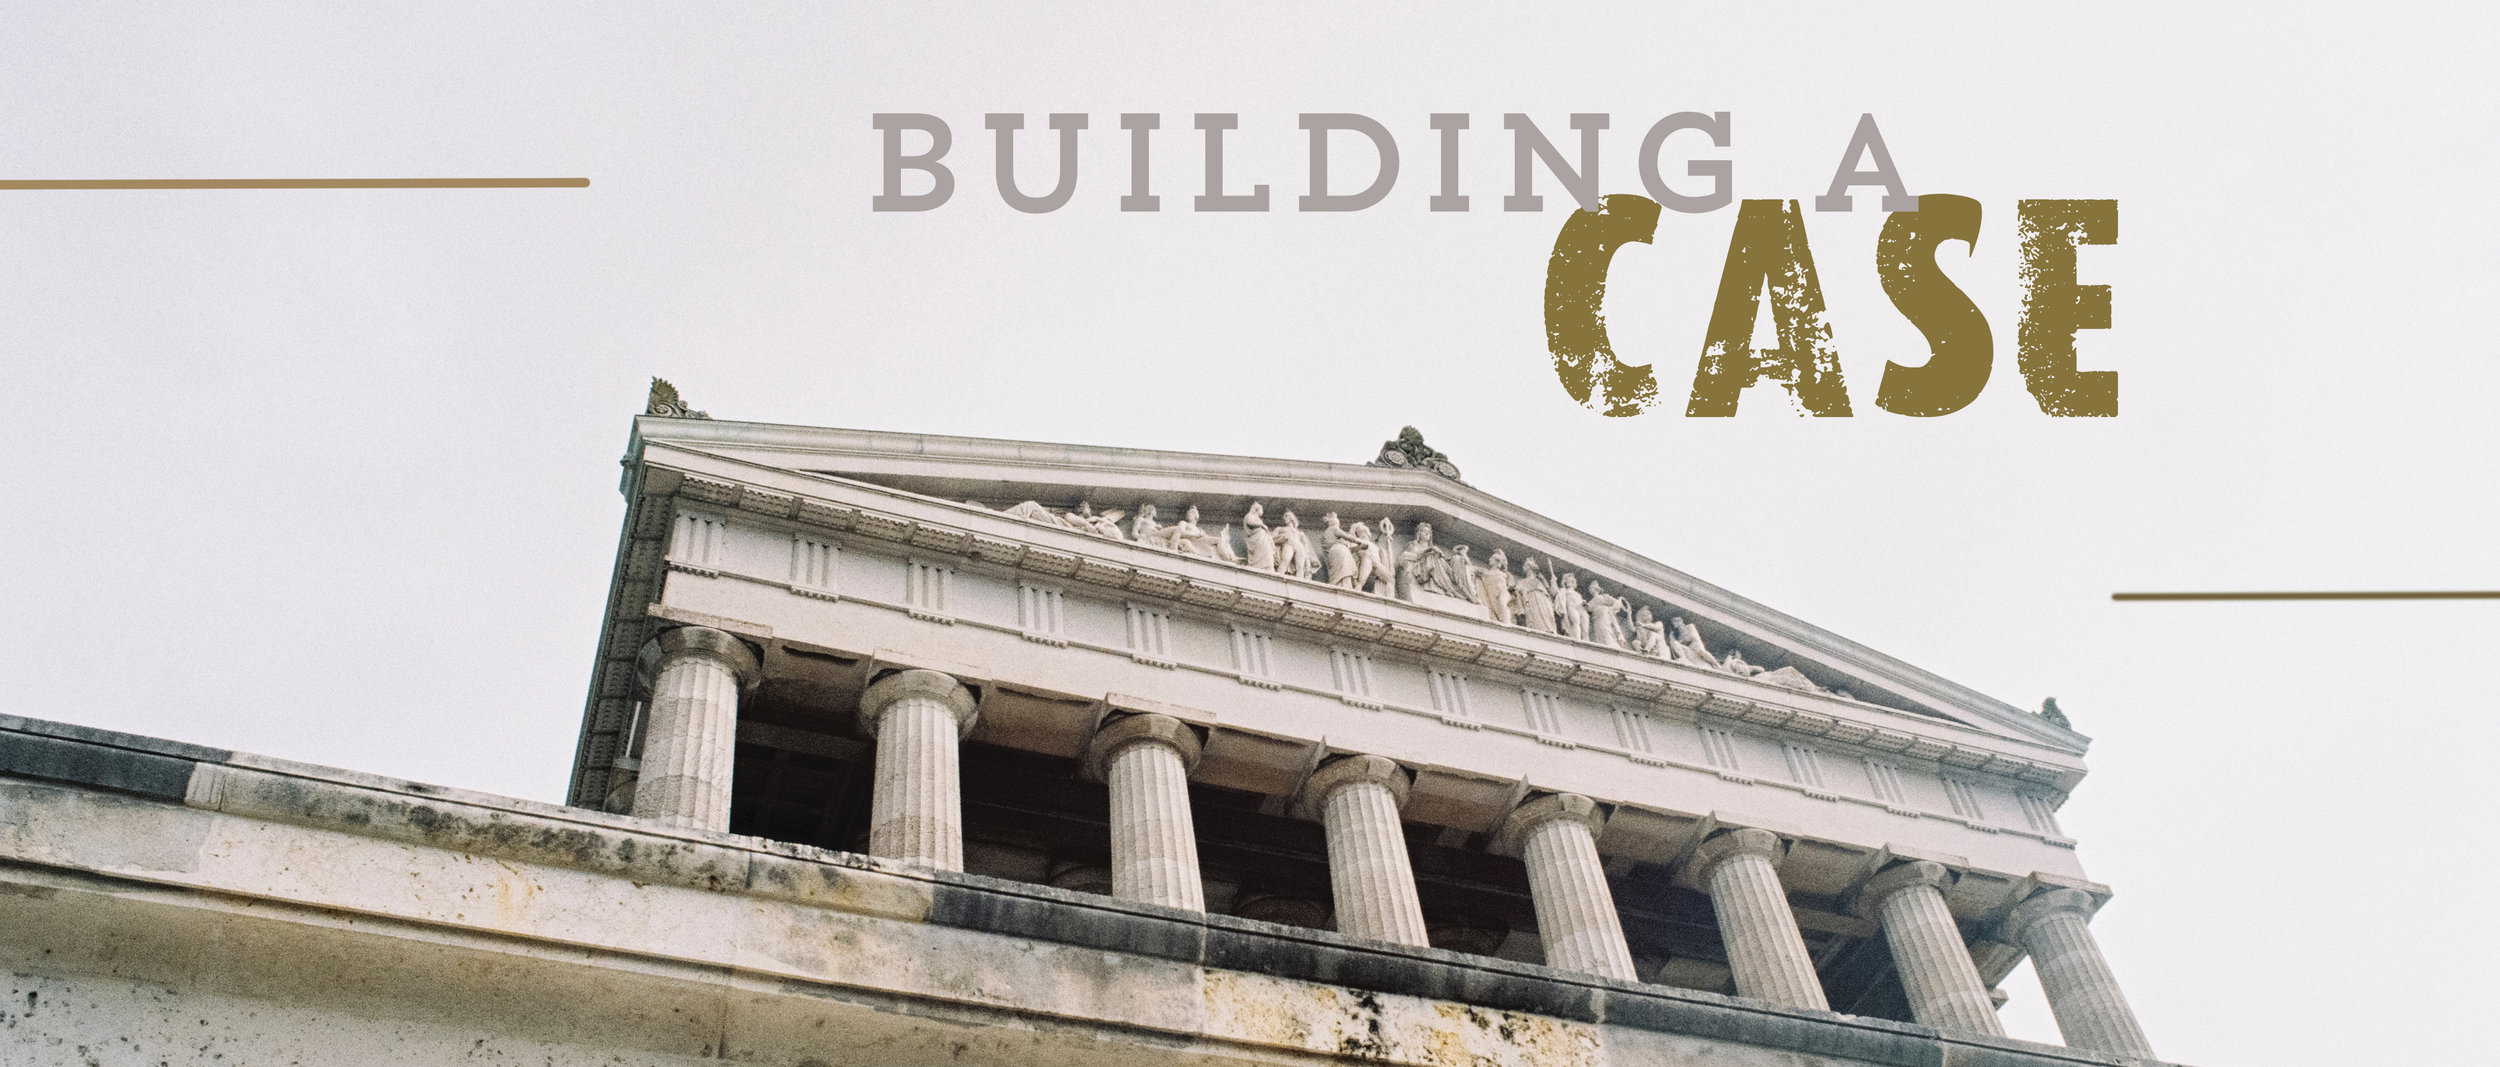 buildingacase2.jpg